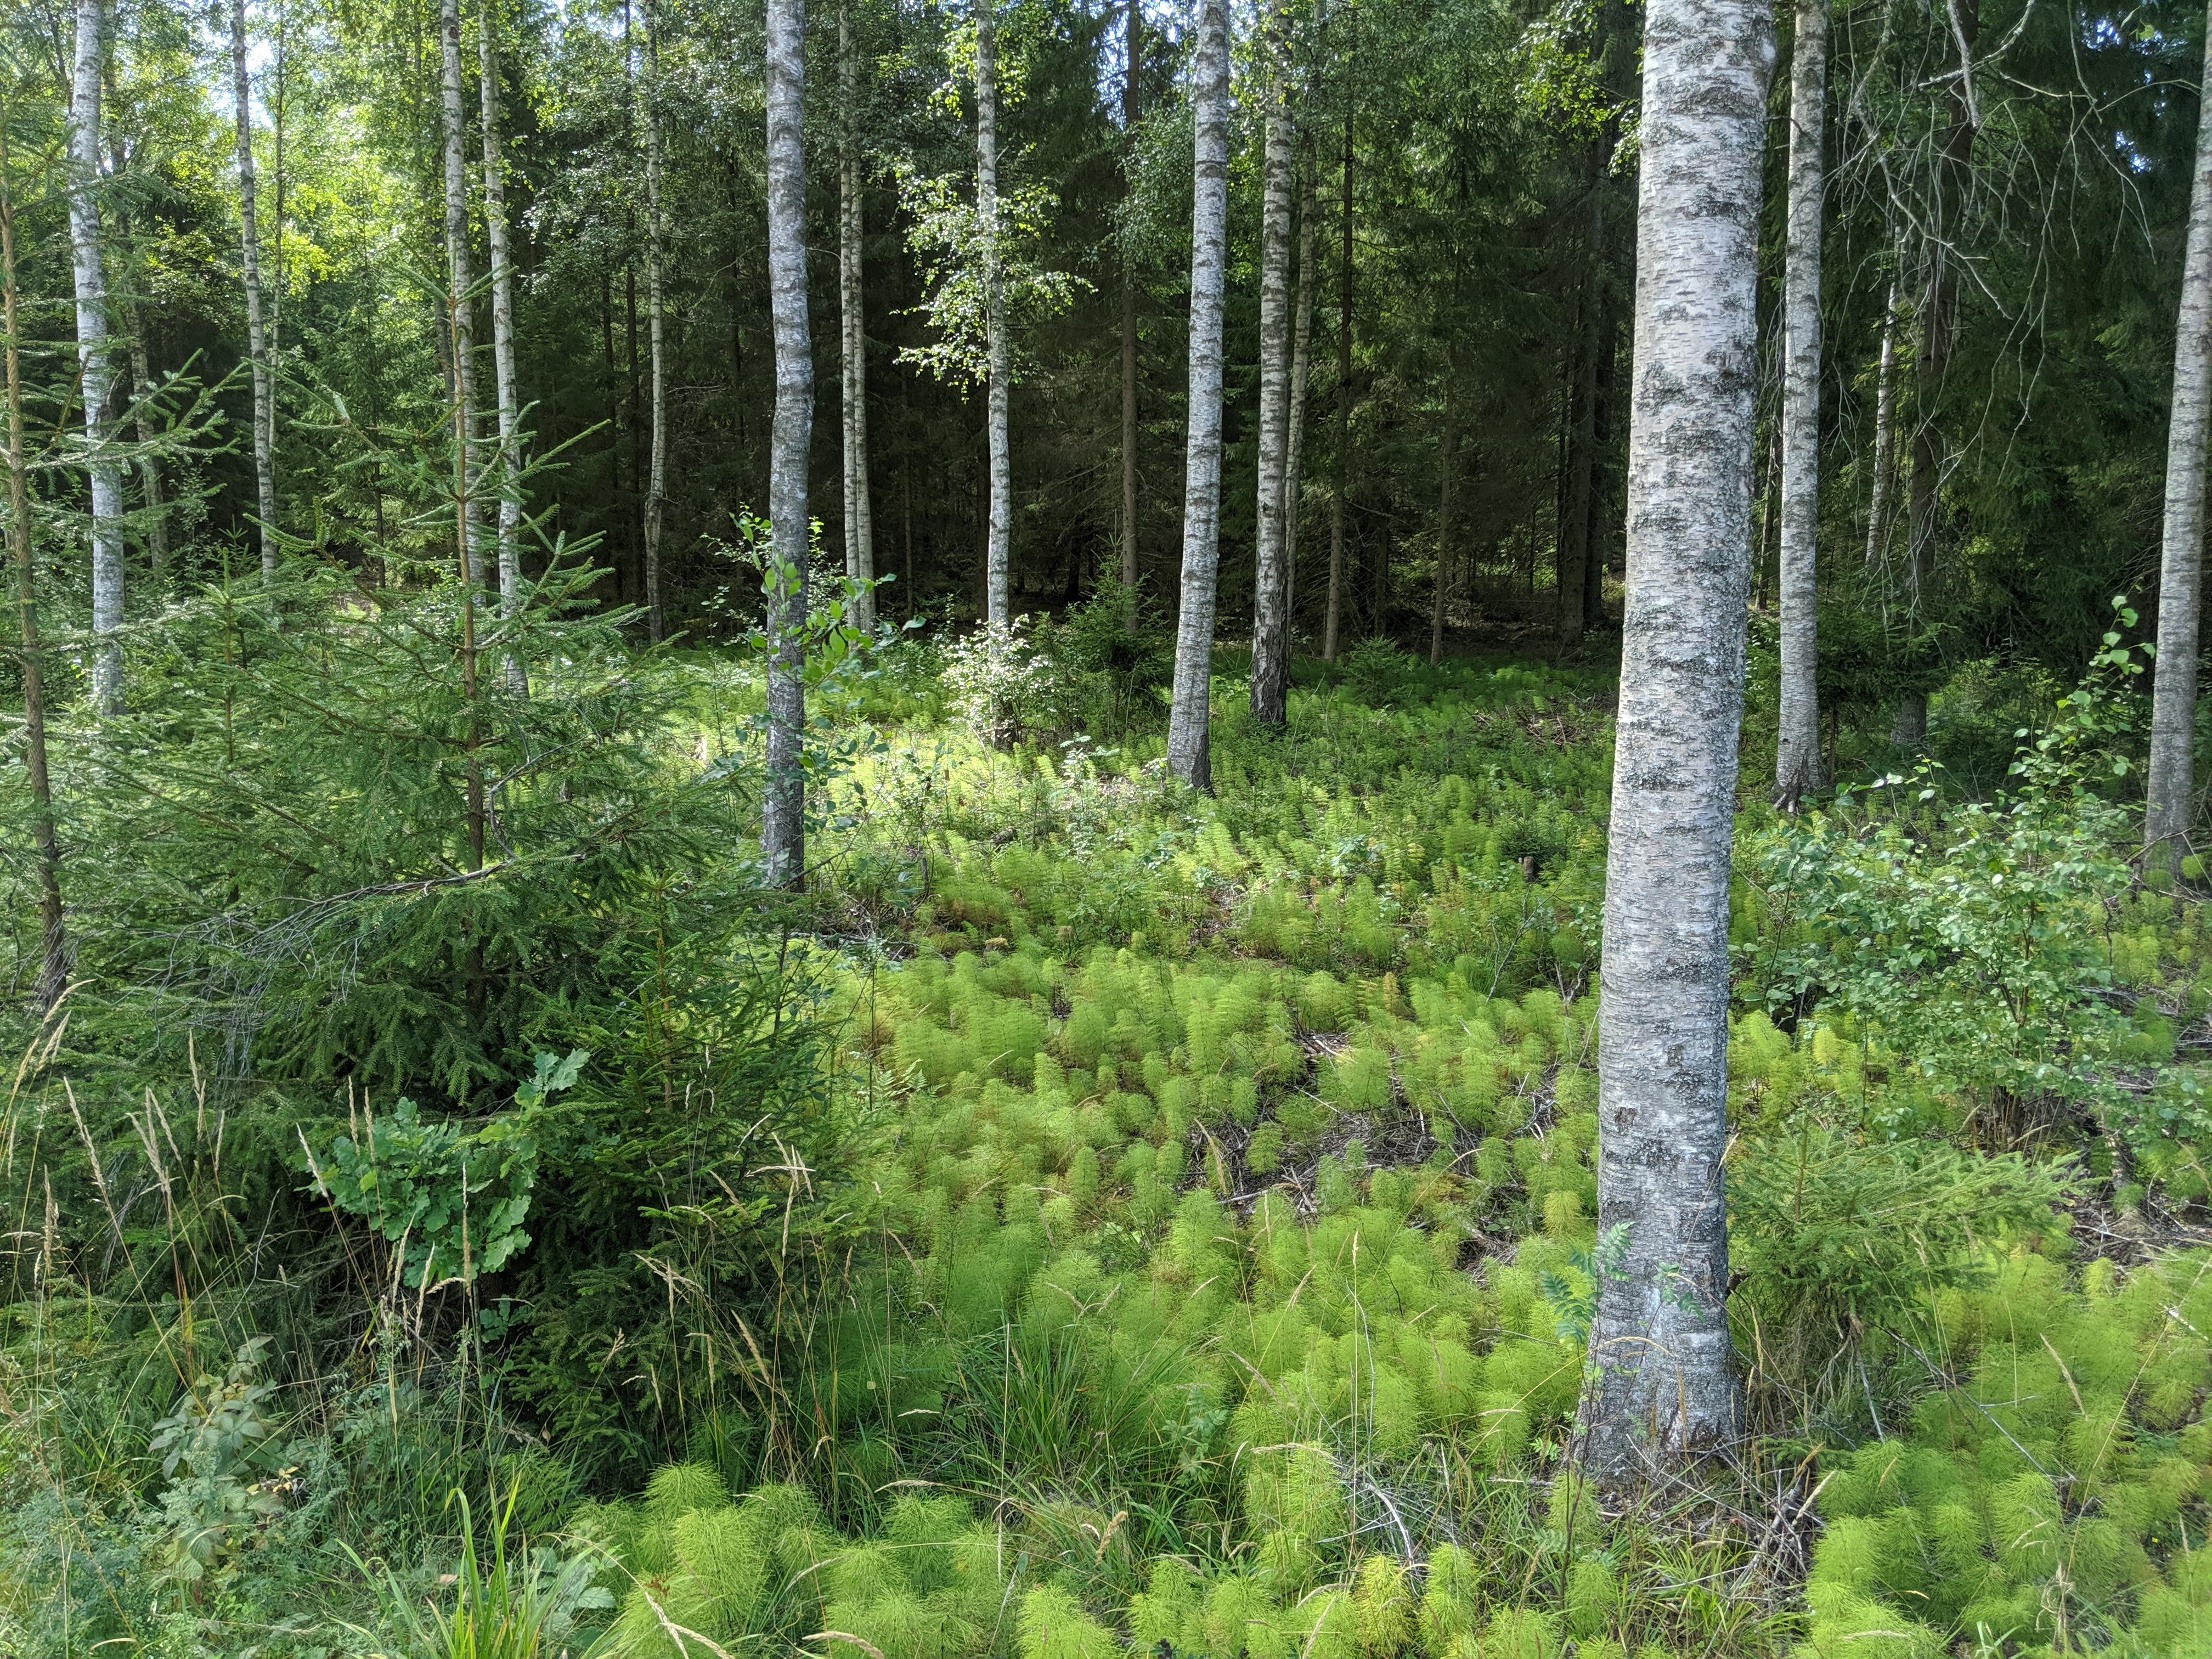 Kraskögle naturreservat